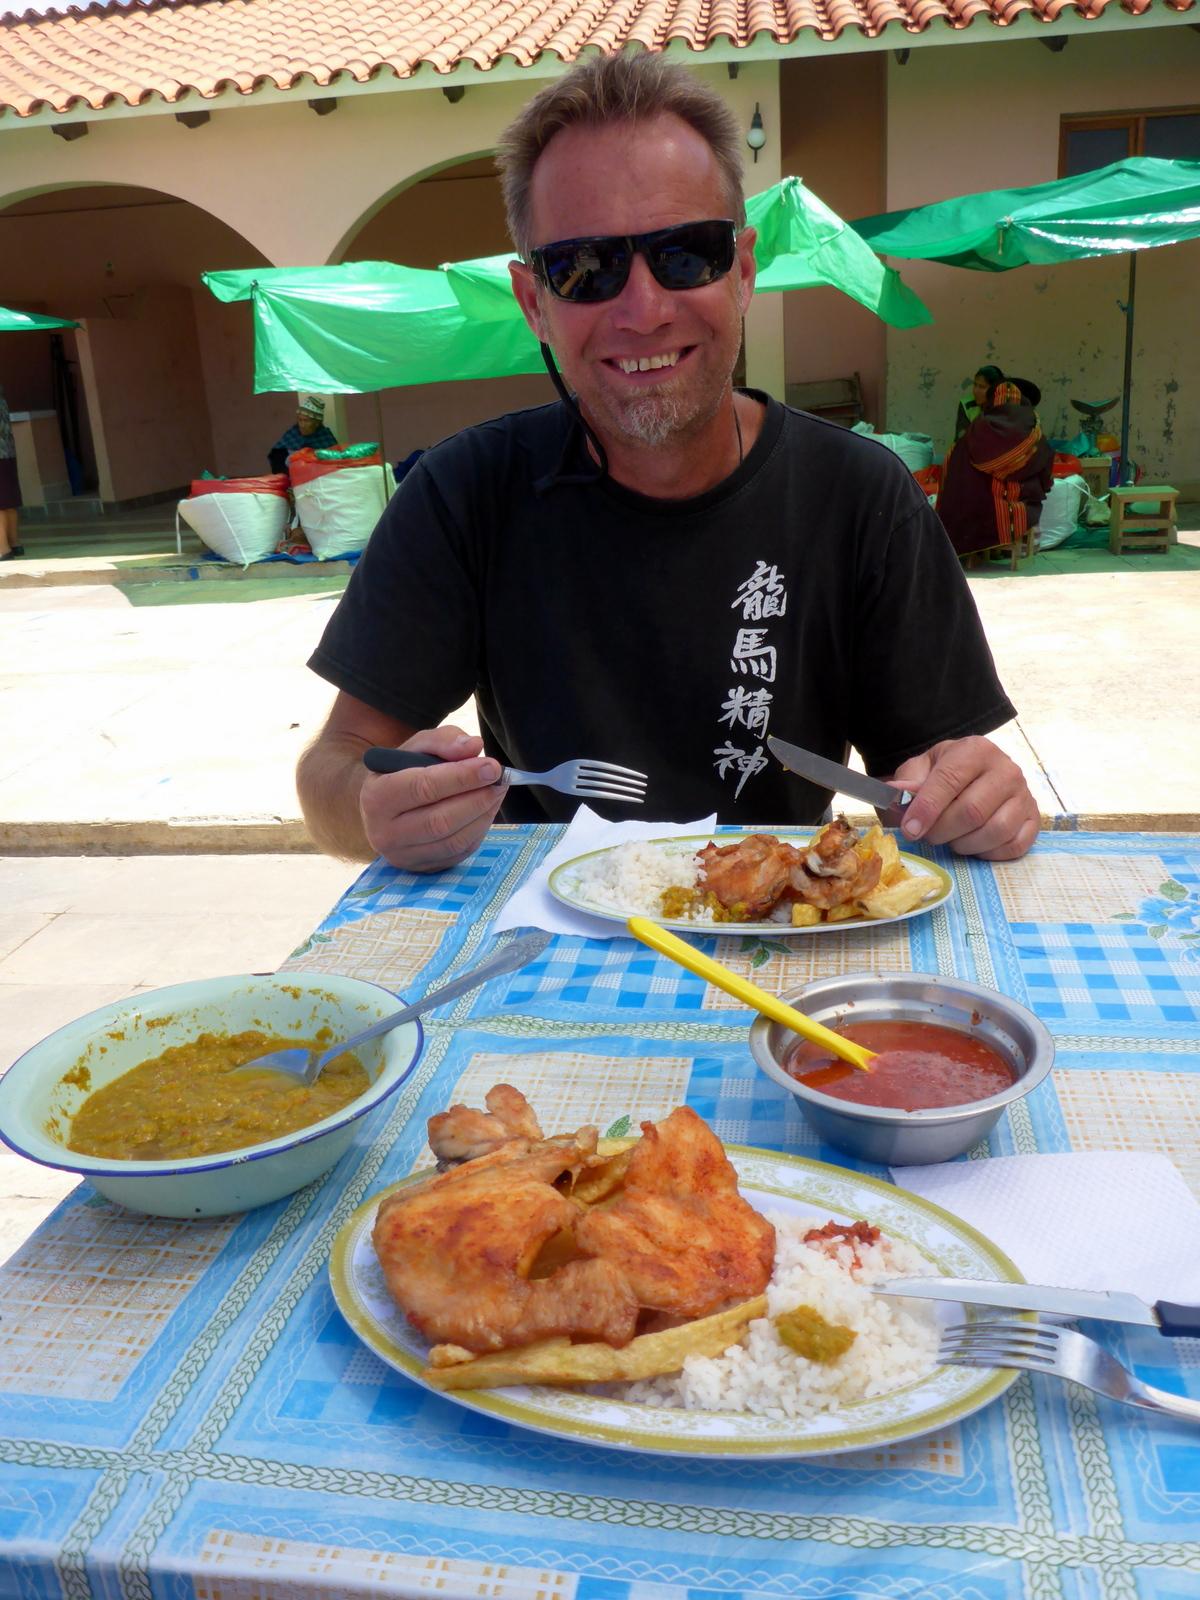 Leckeres Mittagessen für CHF 1.50